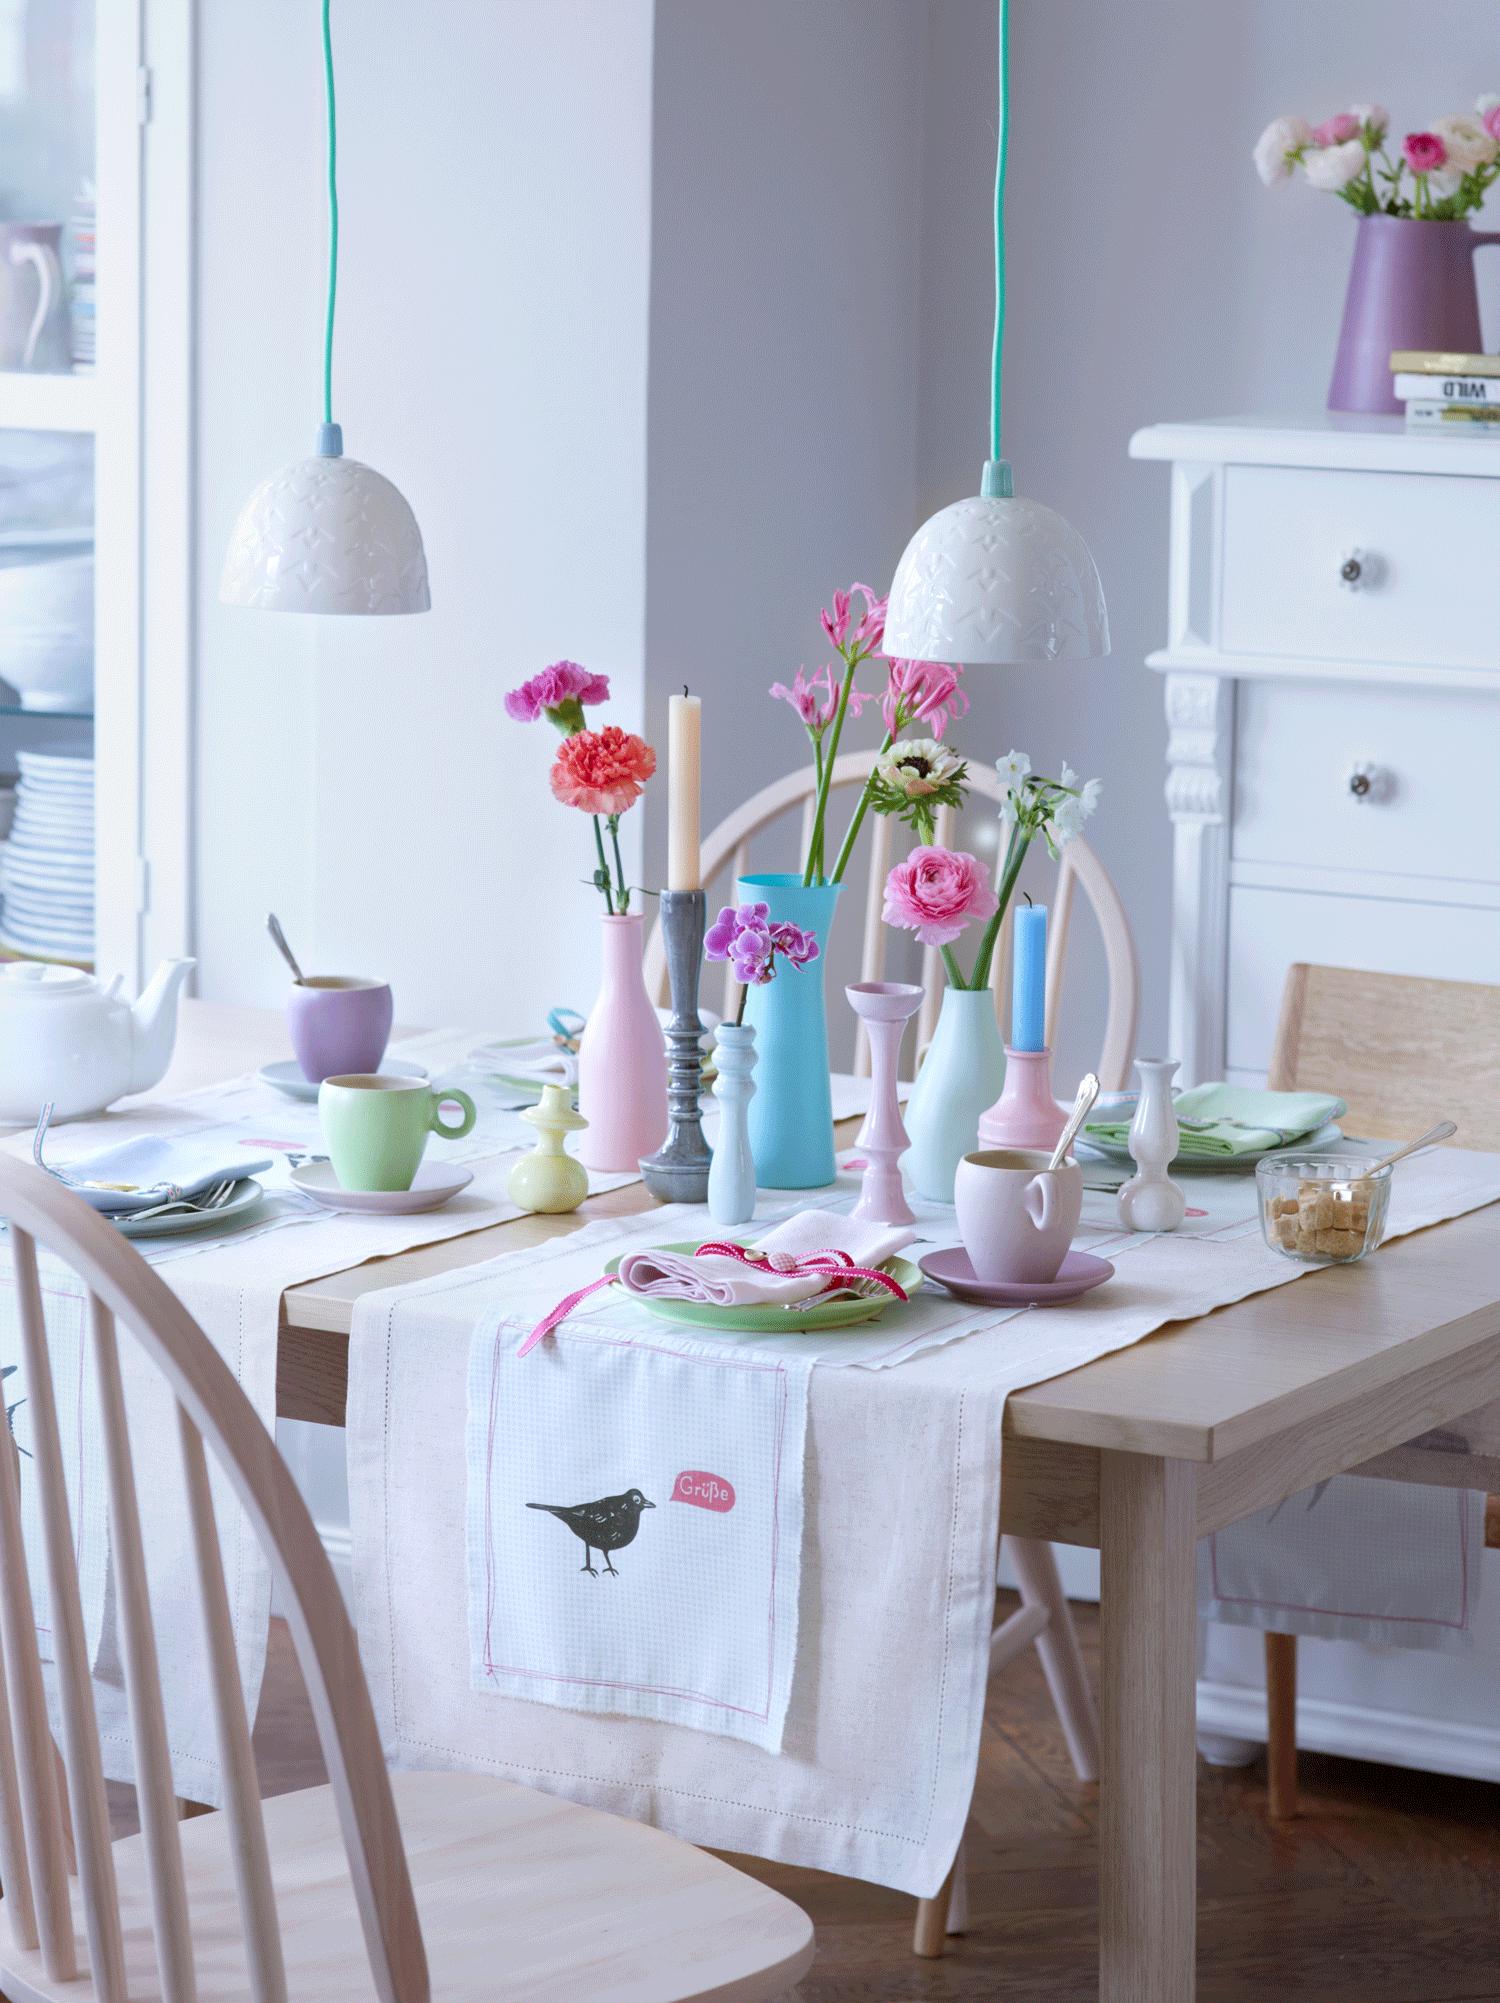 Wohnideen für Küche und Esszimmer: Grüne Akzente machen frisch ...